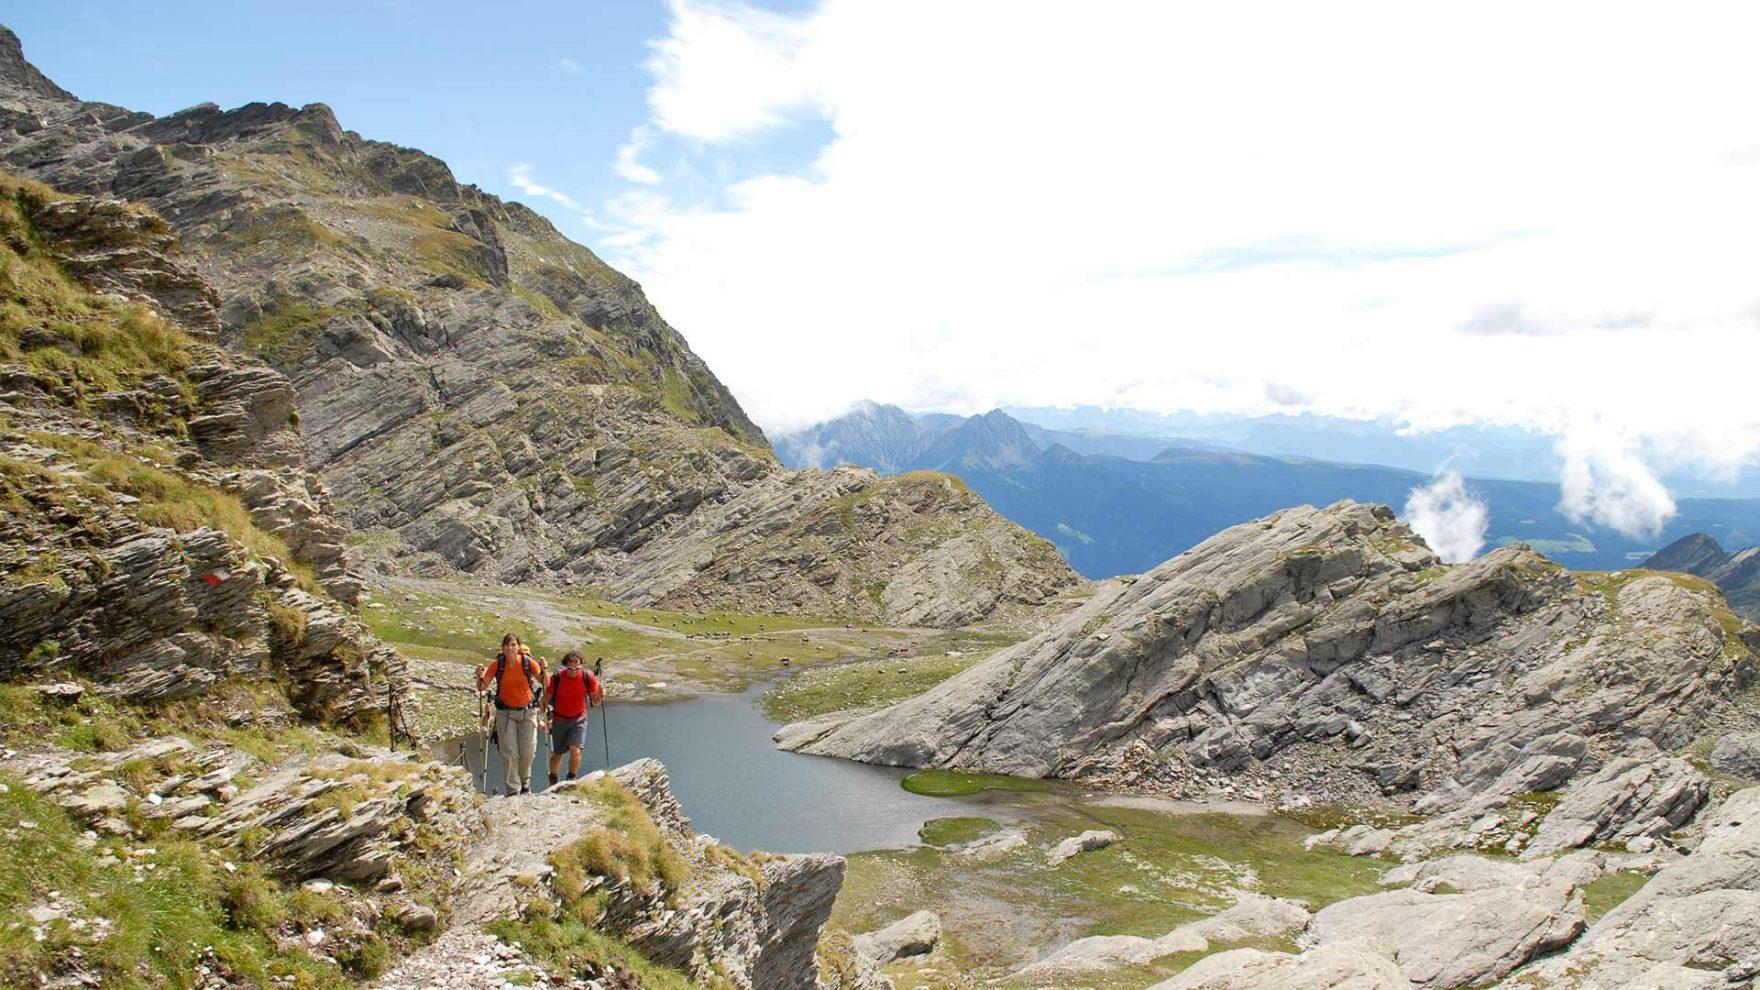 Vacanze estive a Merano e dintorni - Vacanze escursionistiche